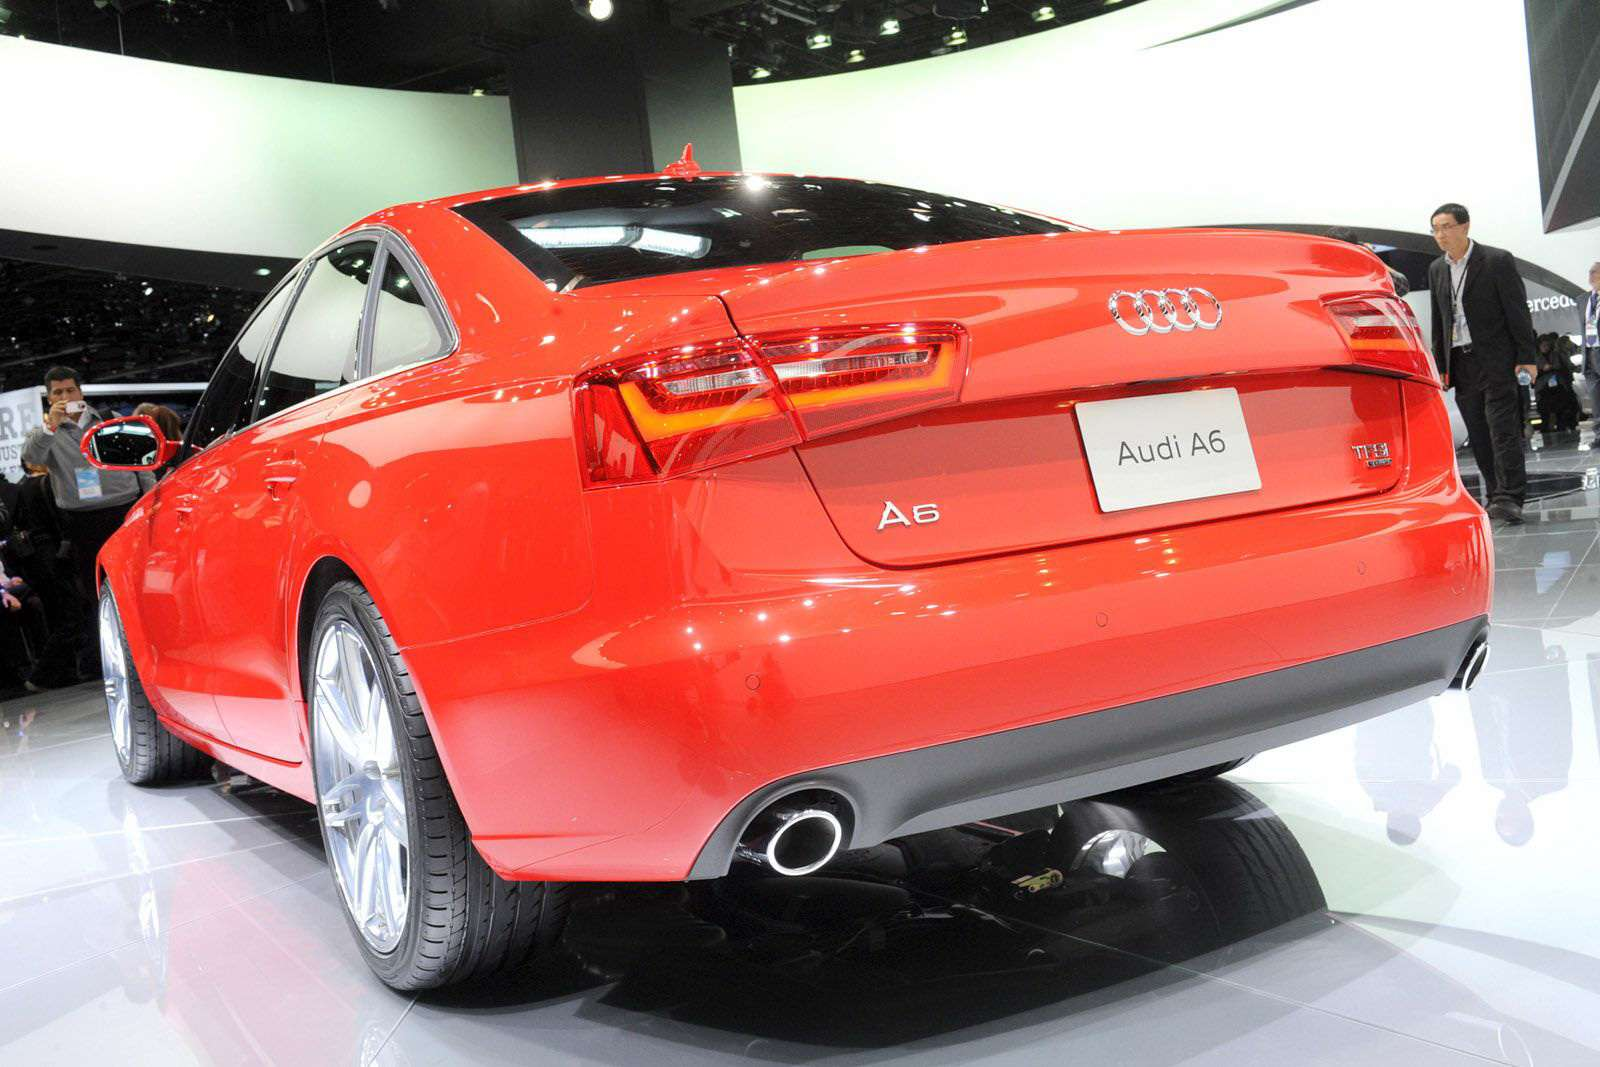 Audi A6 2012 Sedan Detroit styczen 2011